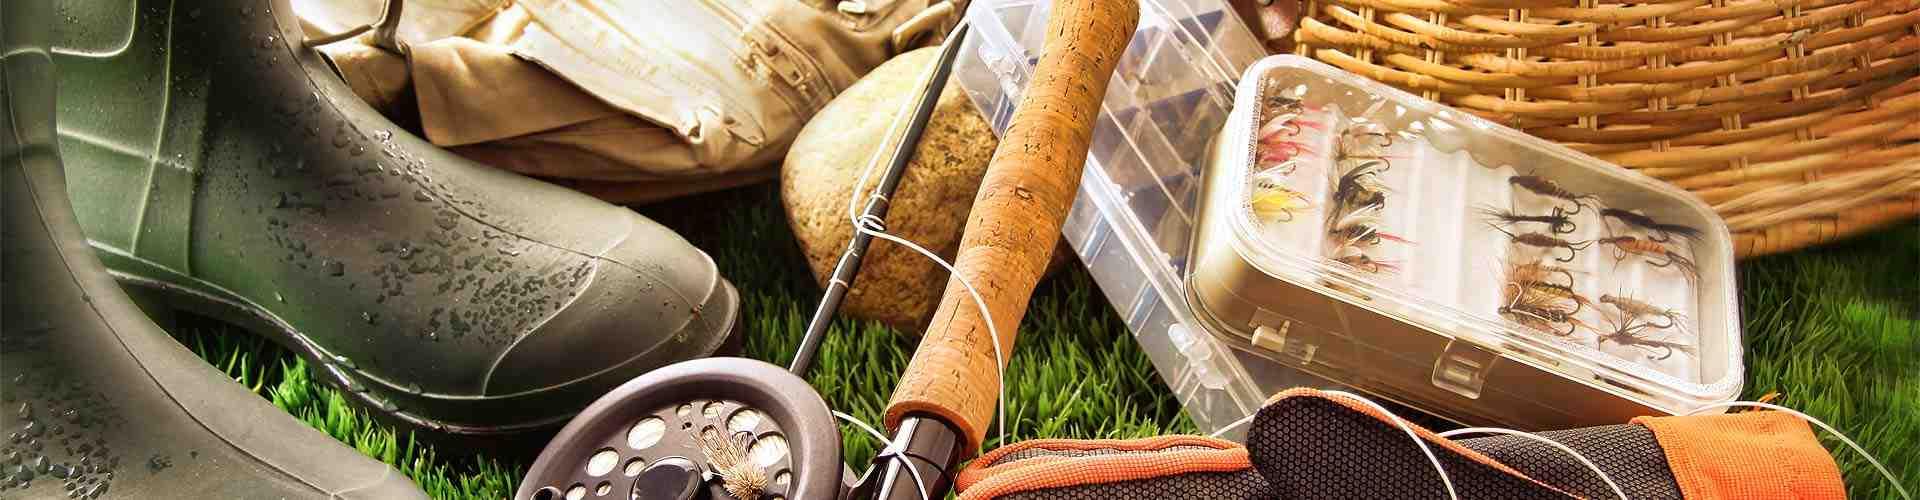 pescar en centrosdeportes de Latas